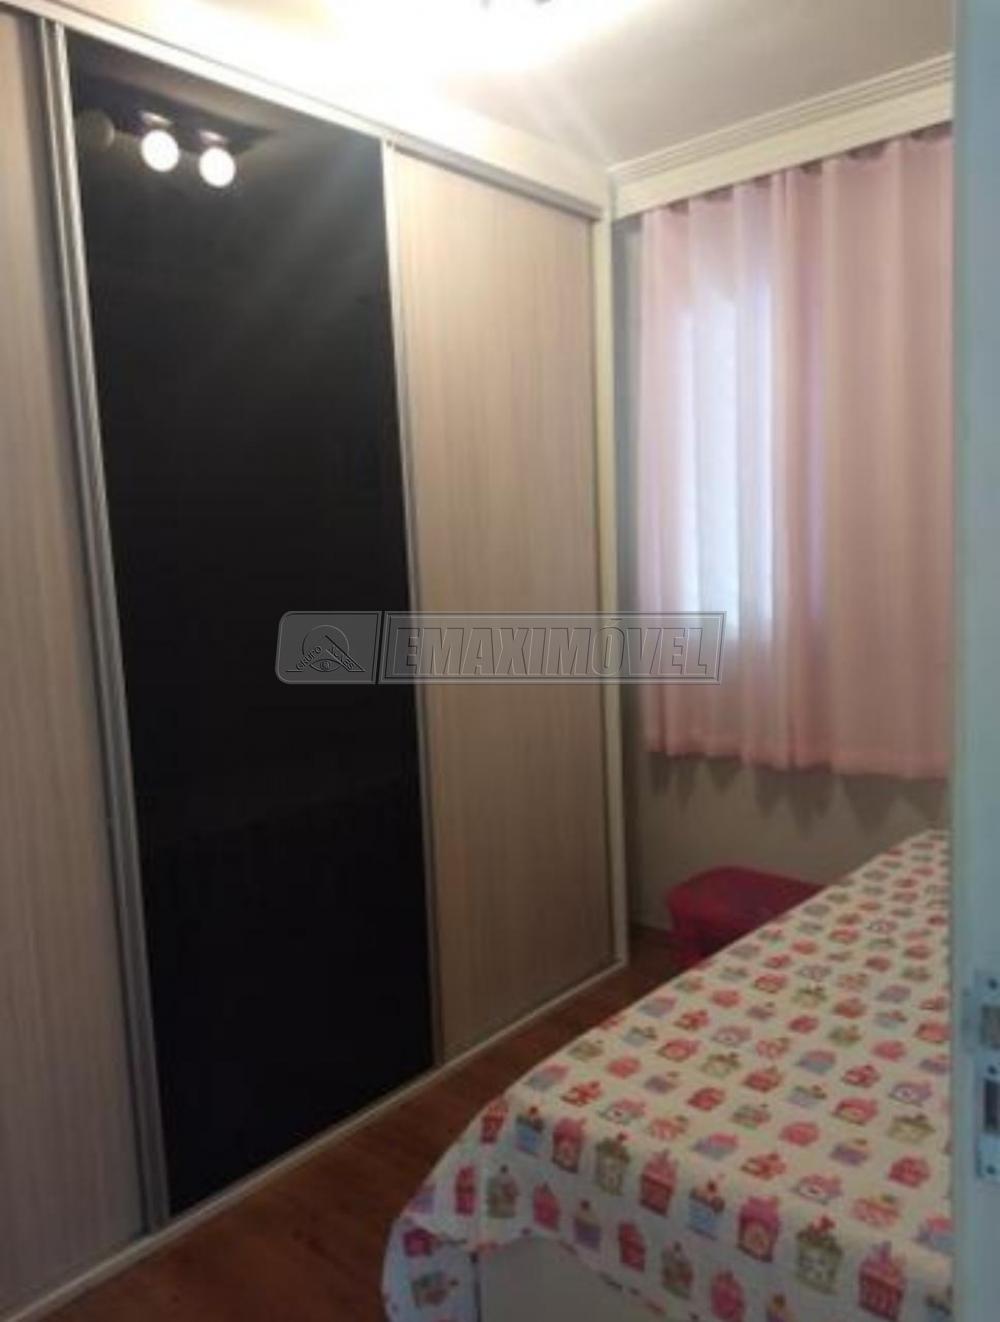 Comprar Apartamentos / Apto Padrão em Votorantim apenas R$ 160.000,00 - Foto 8